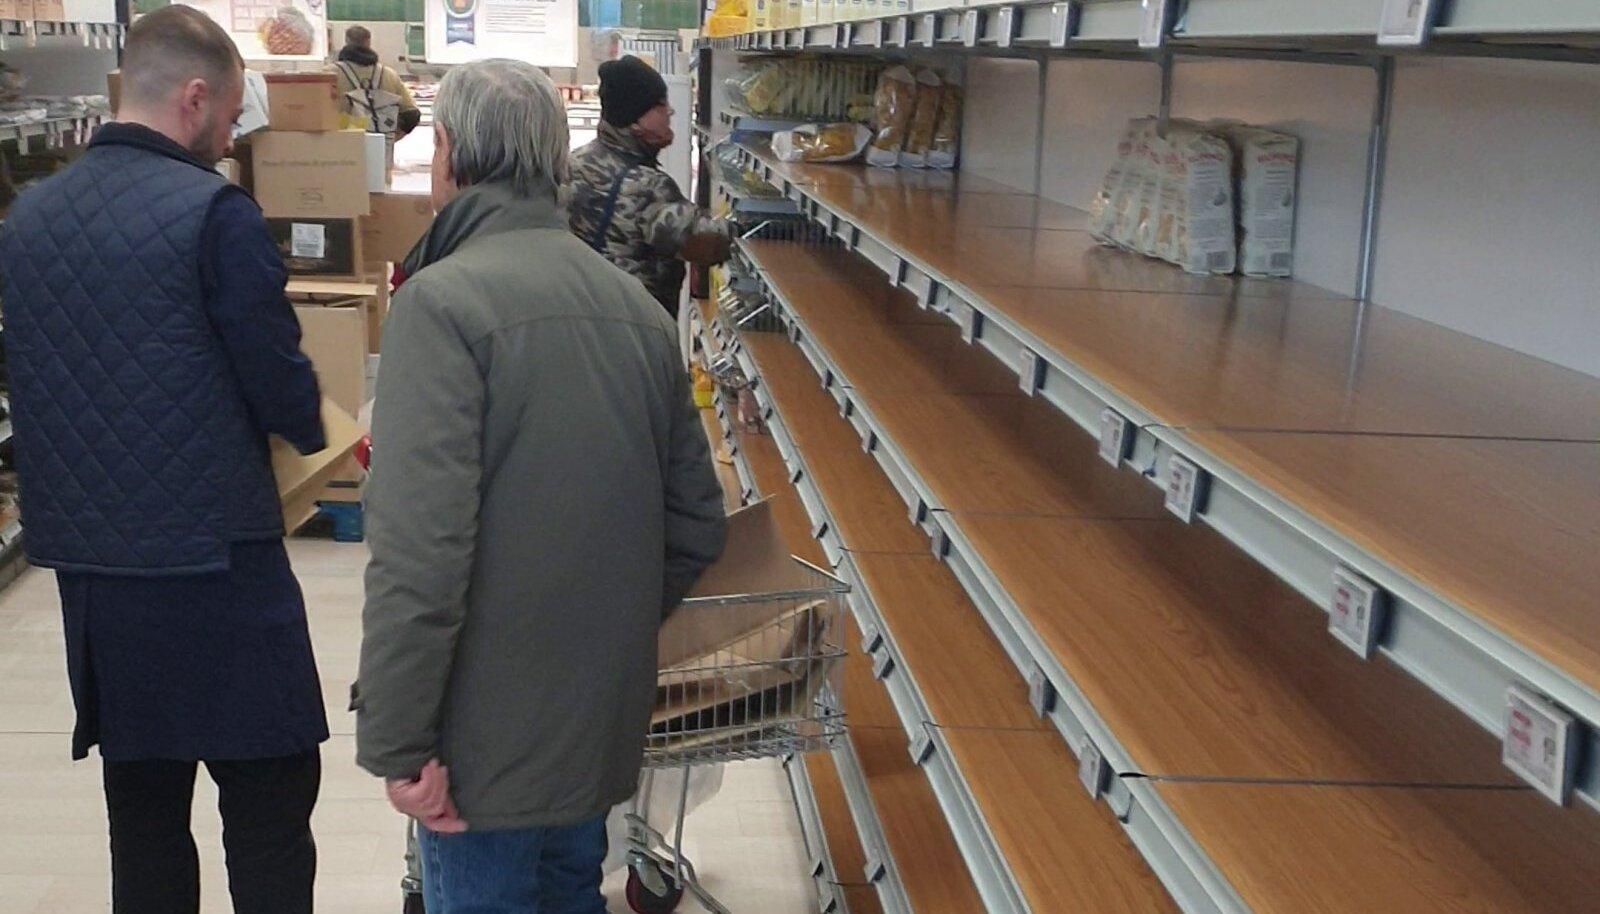 Itaalia Esselunga supermarketi riiulid